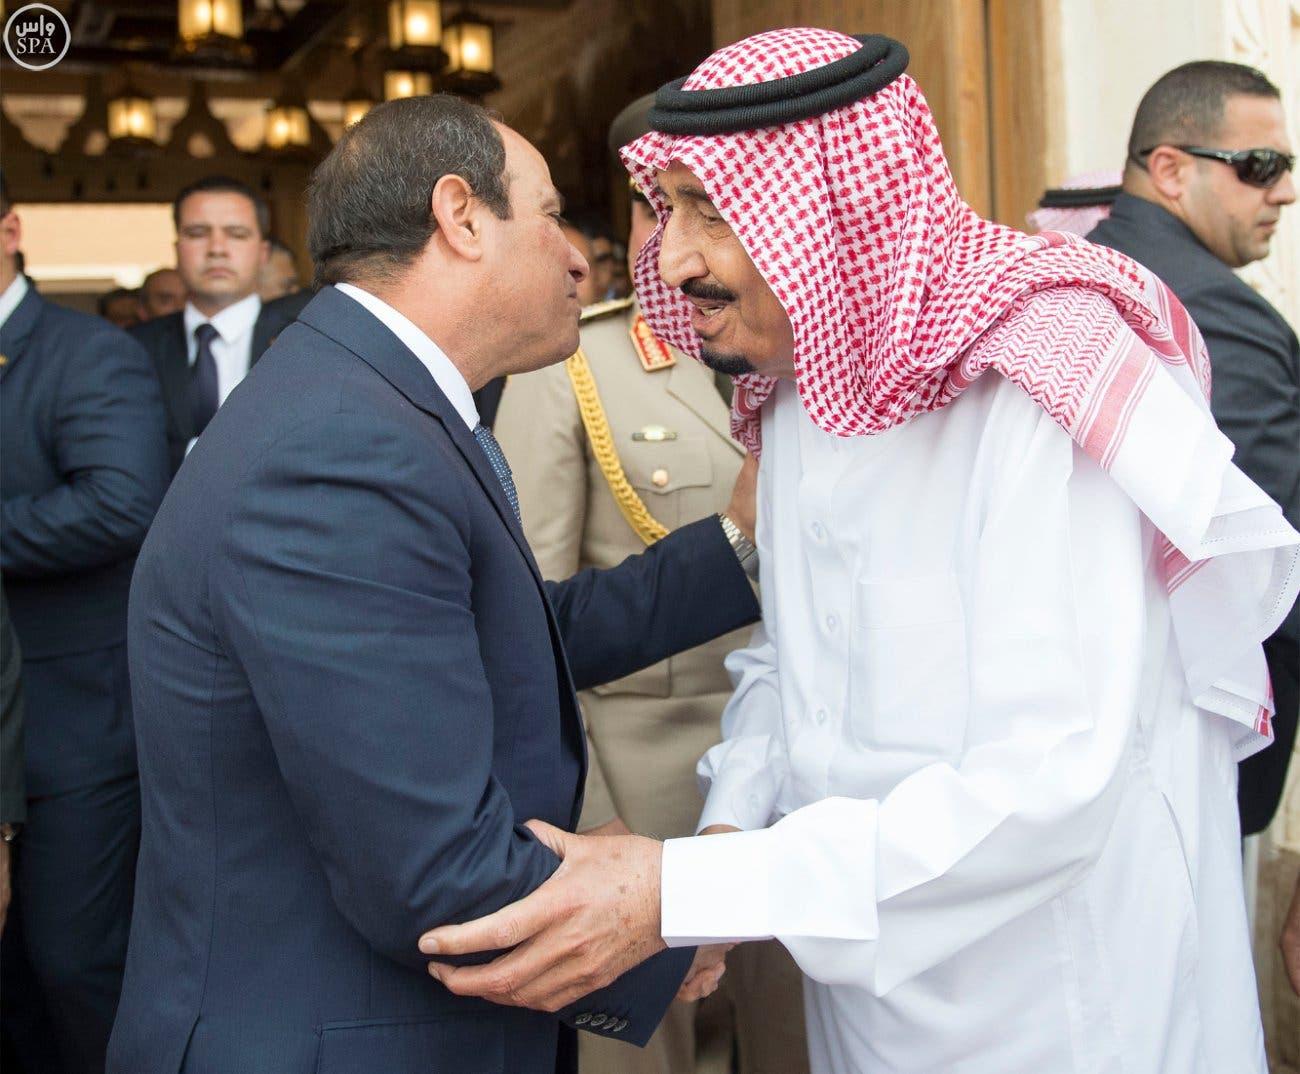 الملك سلمان يلتقي عبدالفتاح السيسي في #قصر_العوجا 959e1d6e-611f-4c62-9ee9-13627a01cb77